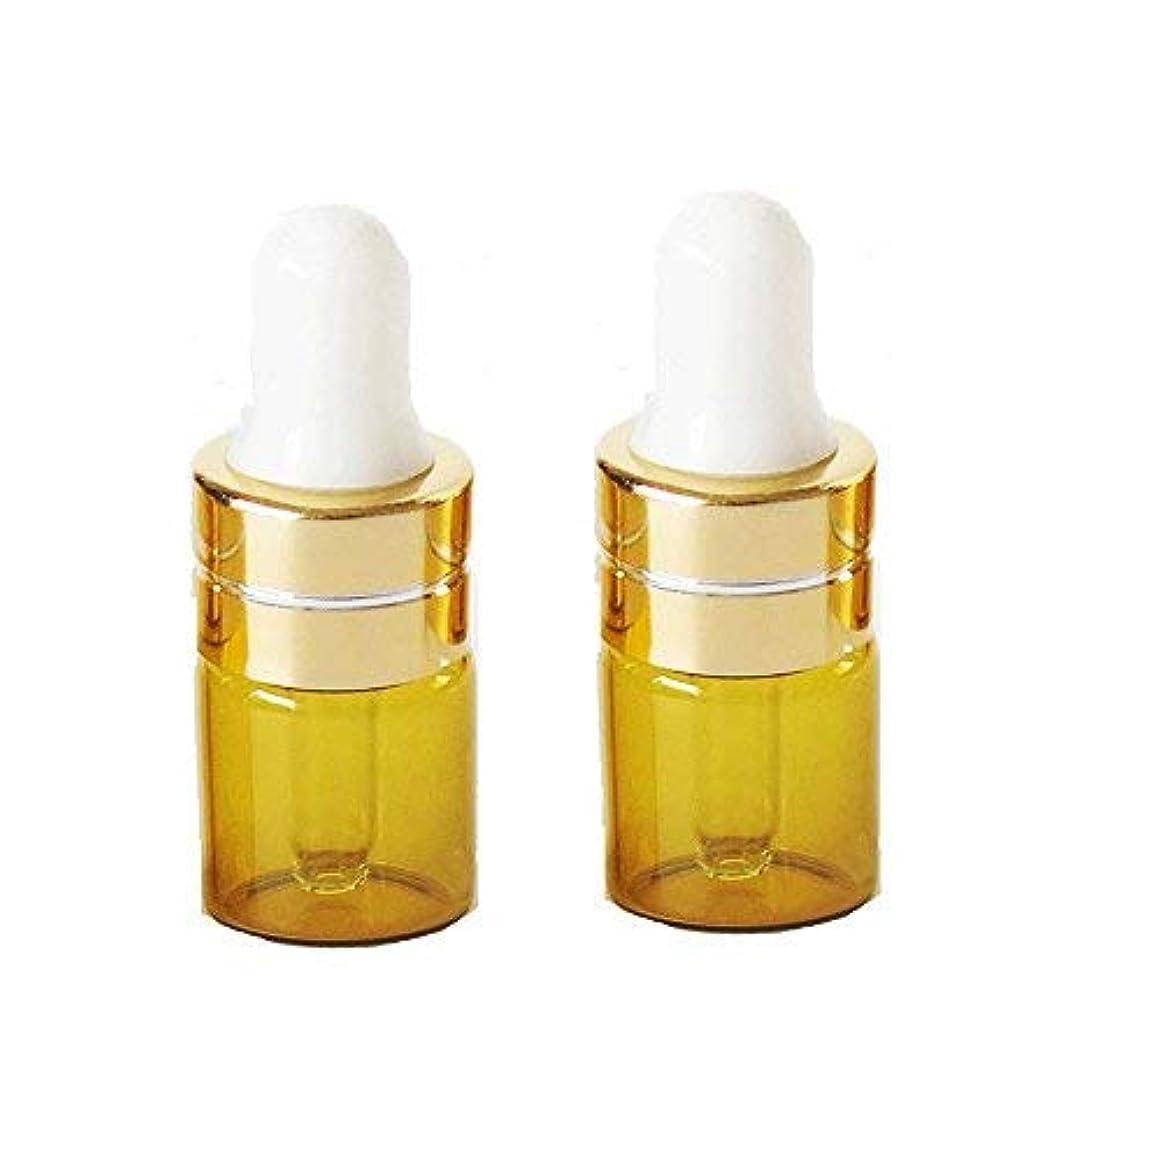 おじさん大騒ぎパッケージGrand Parfums 1ml Amber Glass Dropper Bottles with Gold Caps and White Bulb for Essential Oil, Serums, Makeups...